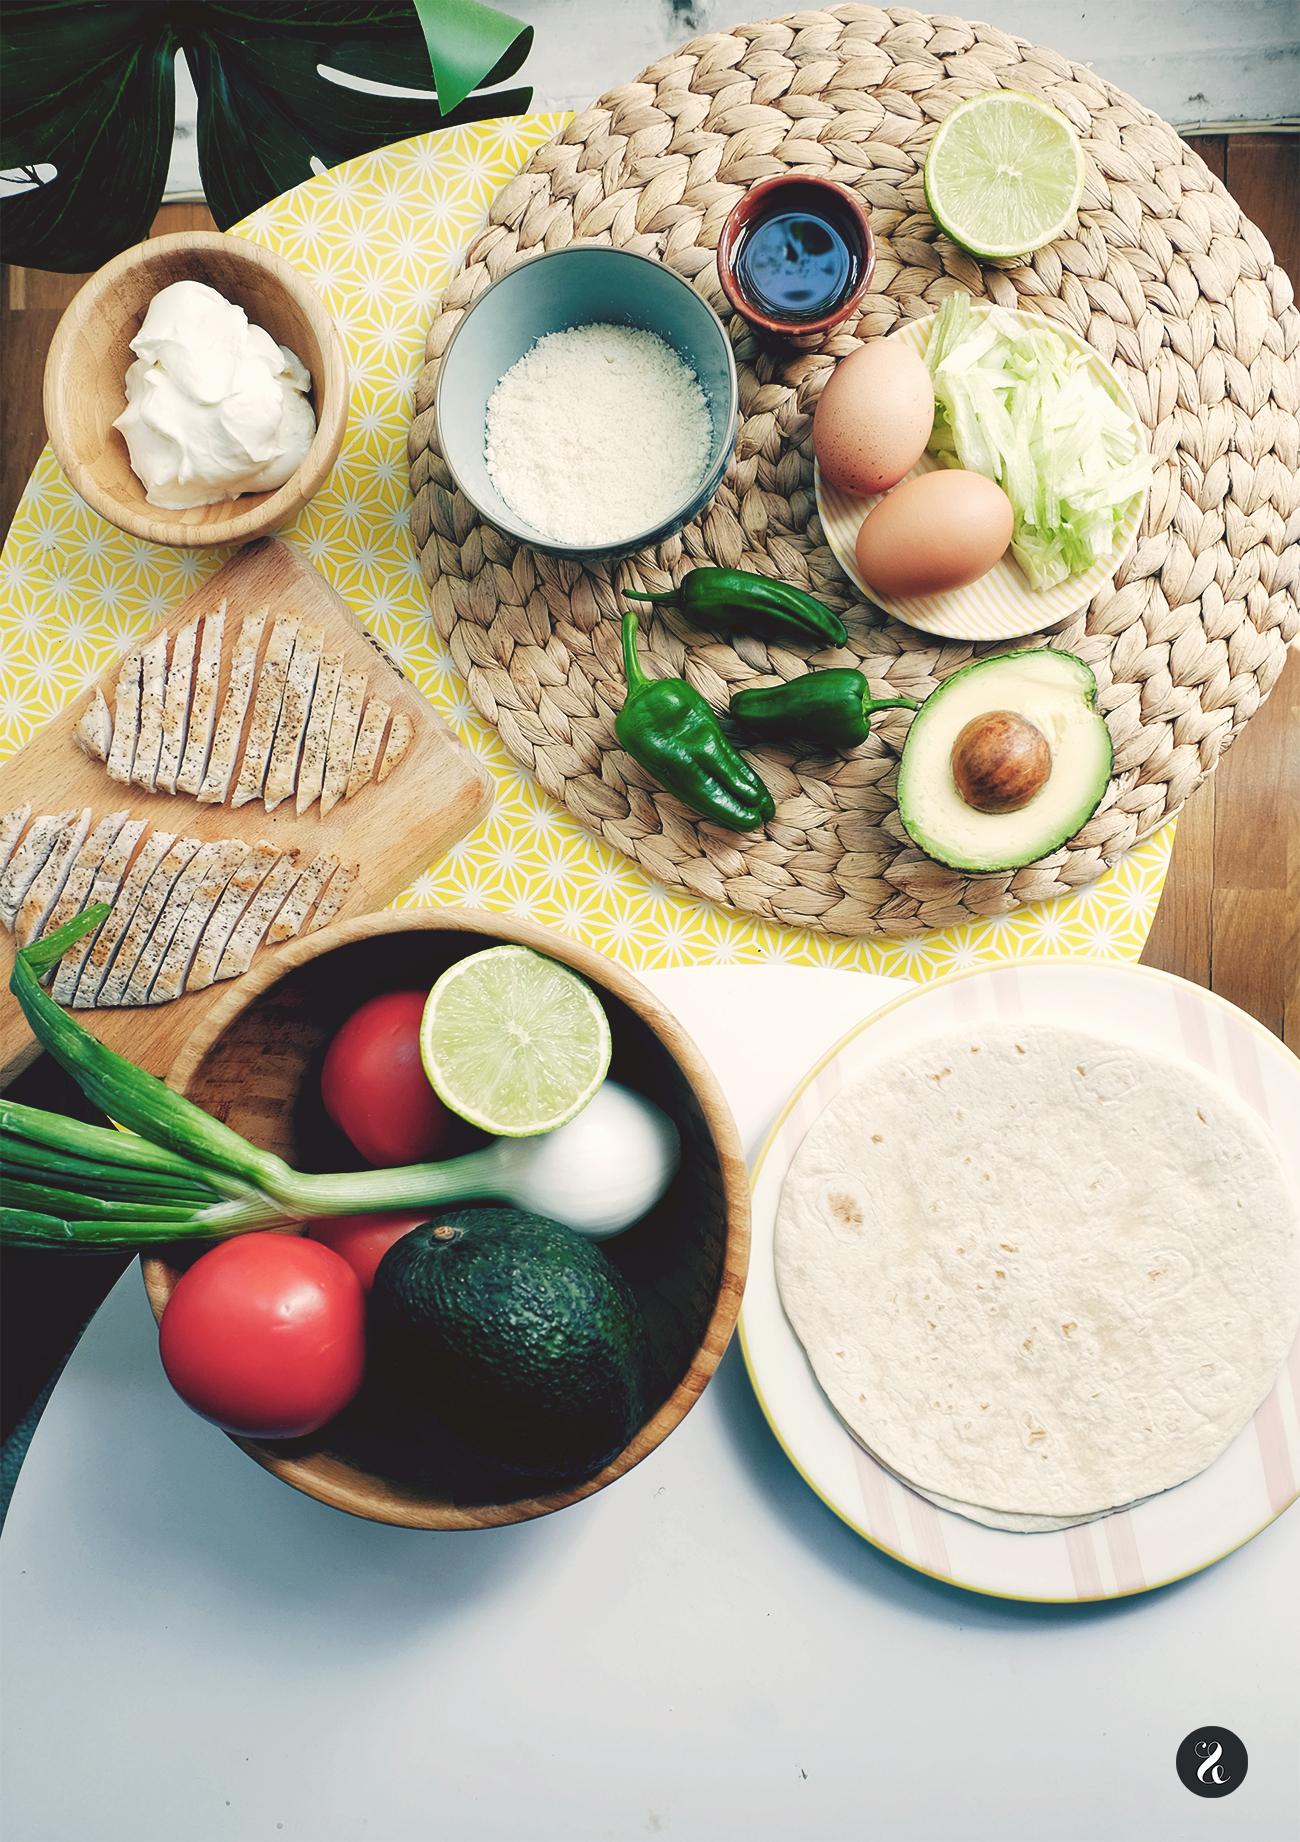 Ingredientes para preparar un burrito Pinterest